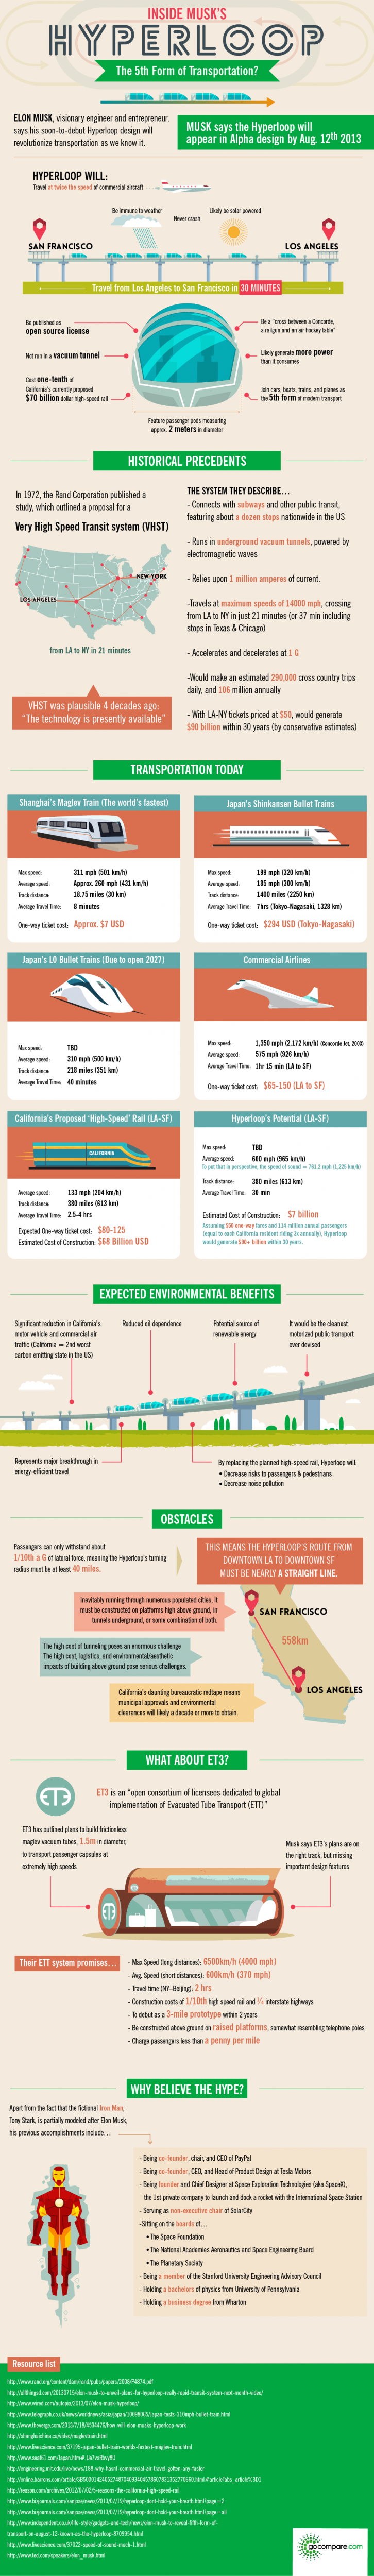 Hyperloop infographic